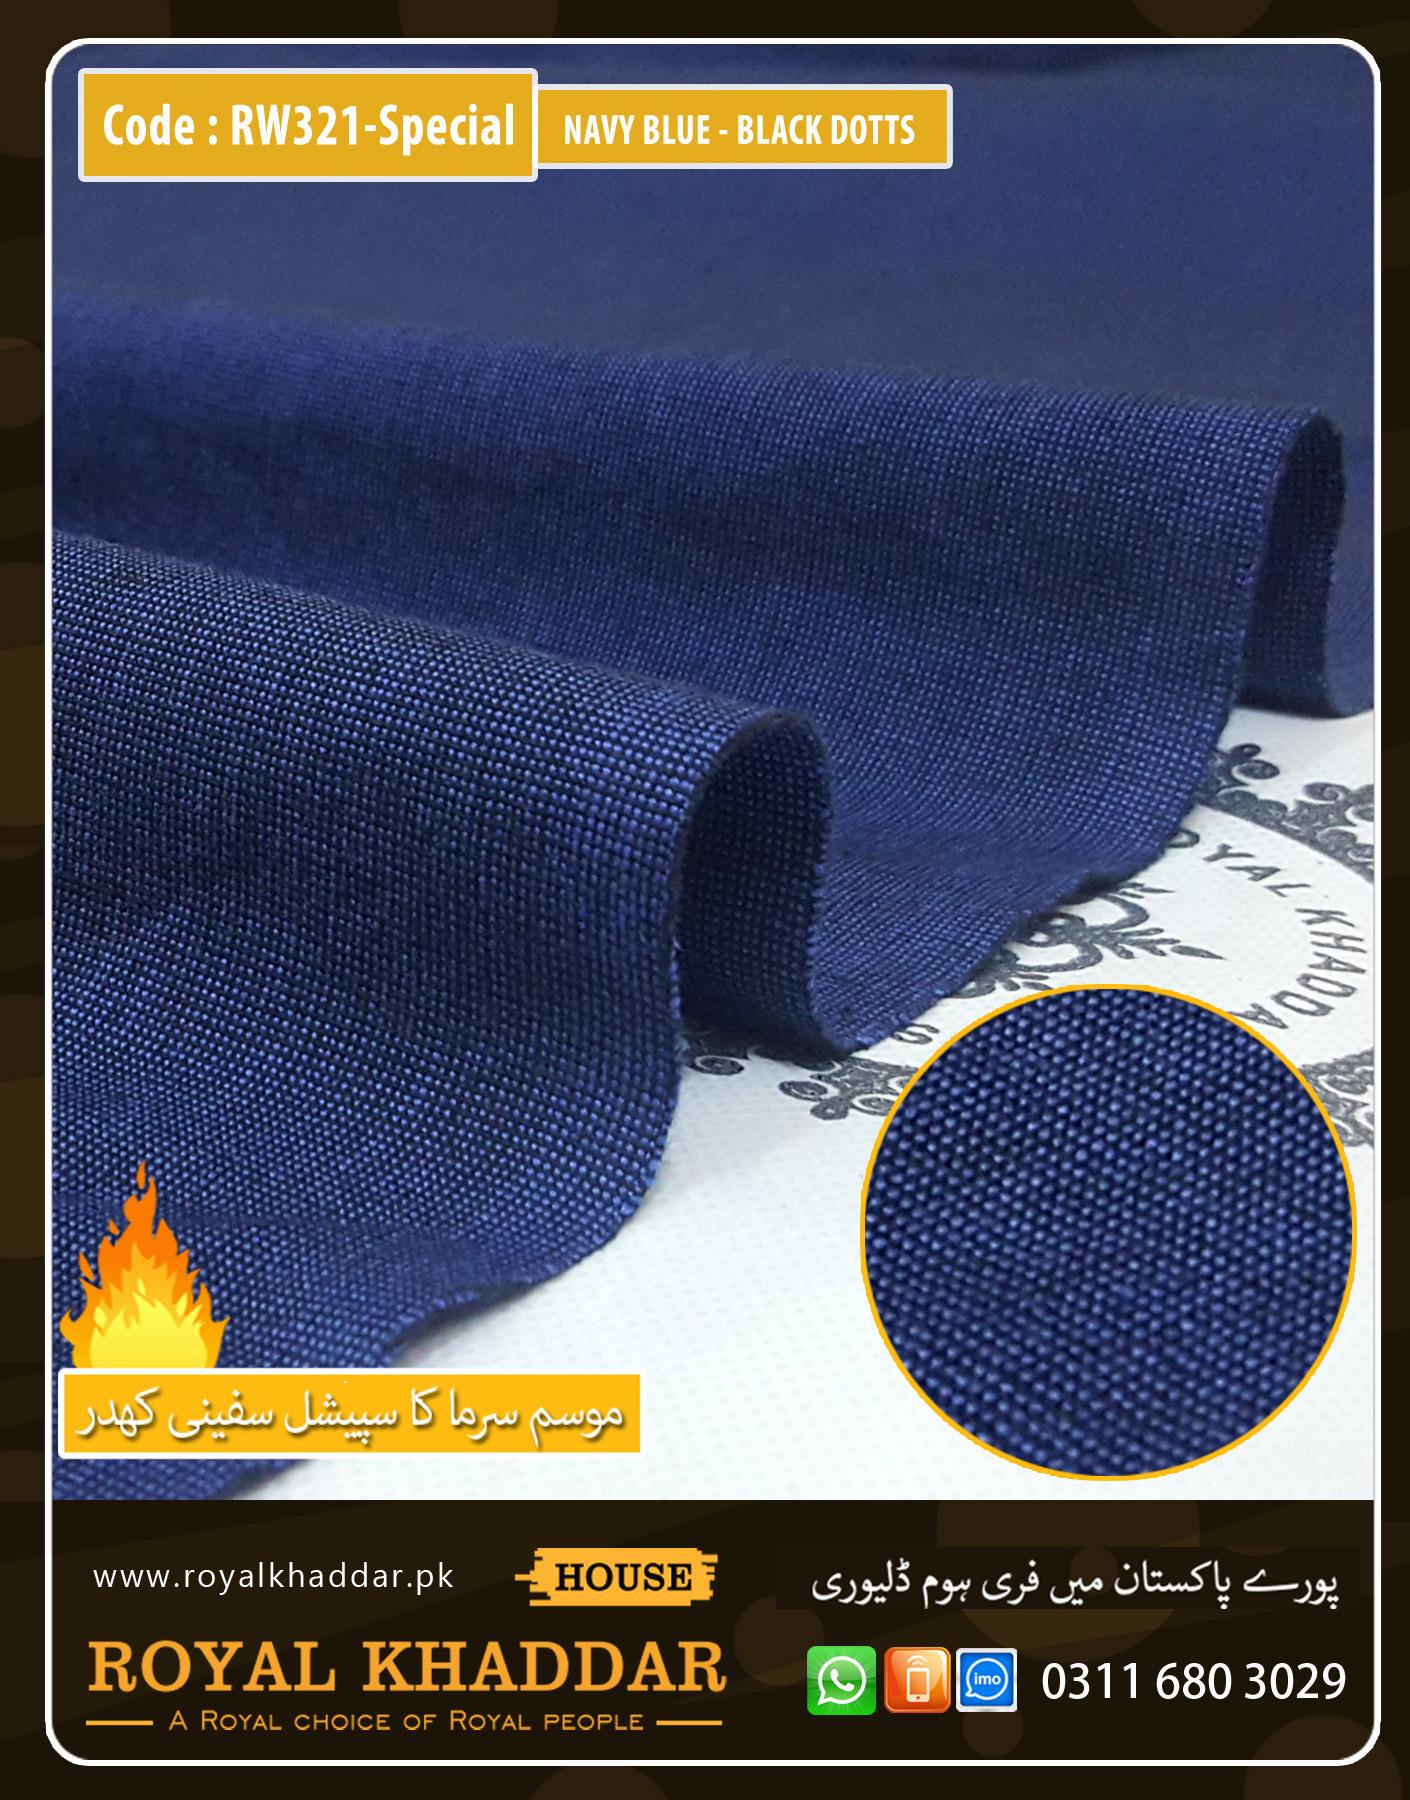 Navy Blue - Black Dots Special Safini Khaddar